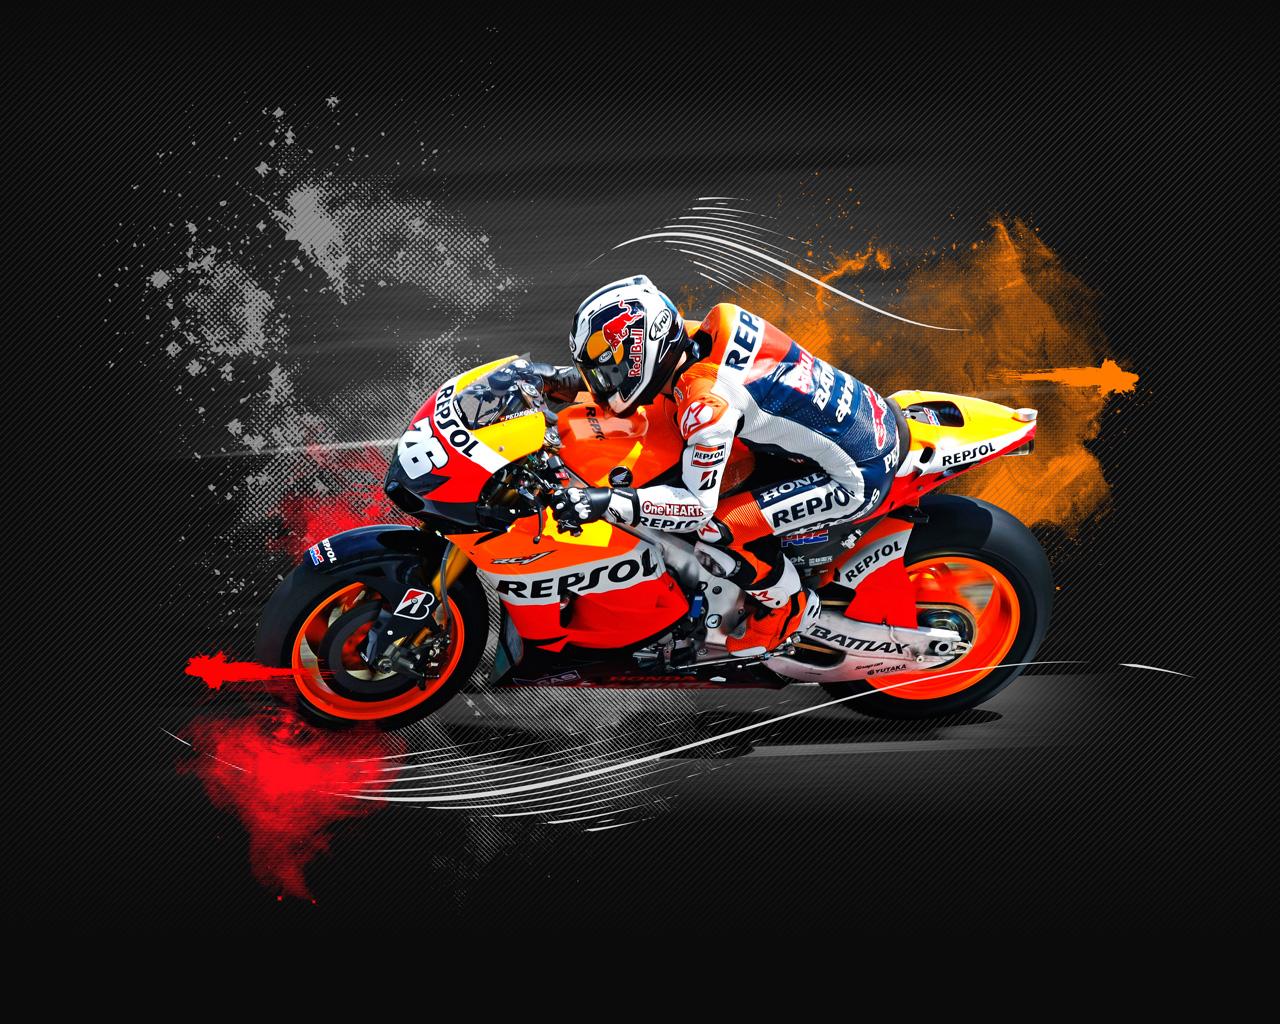 pedrosa motogp wallpaper hd - photo #1